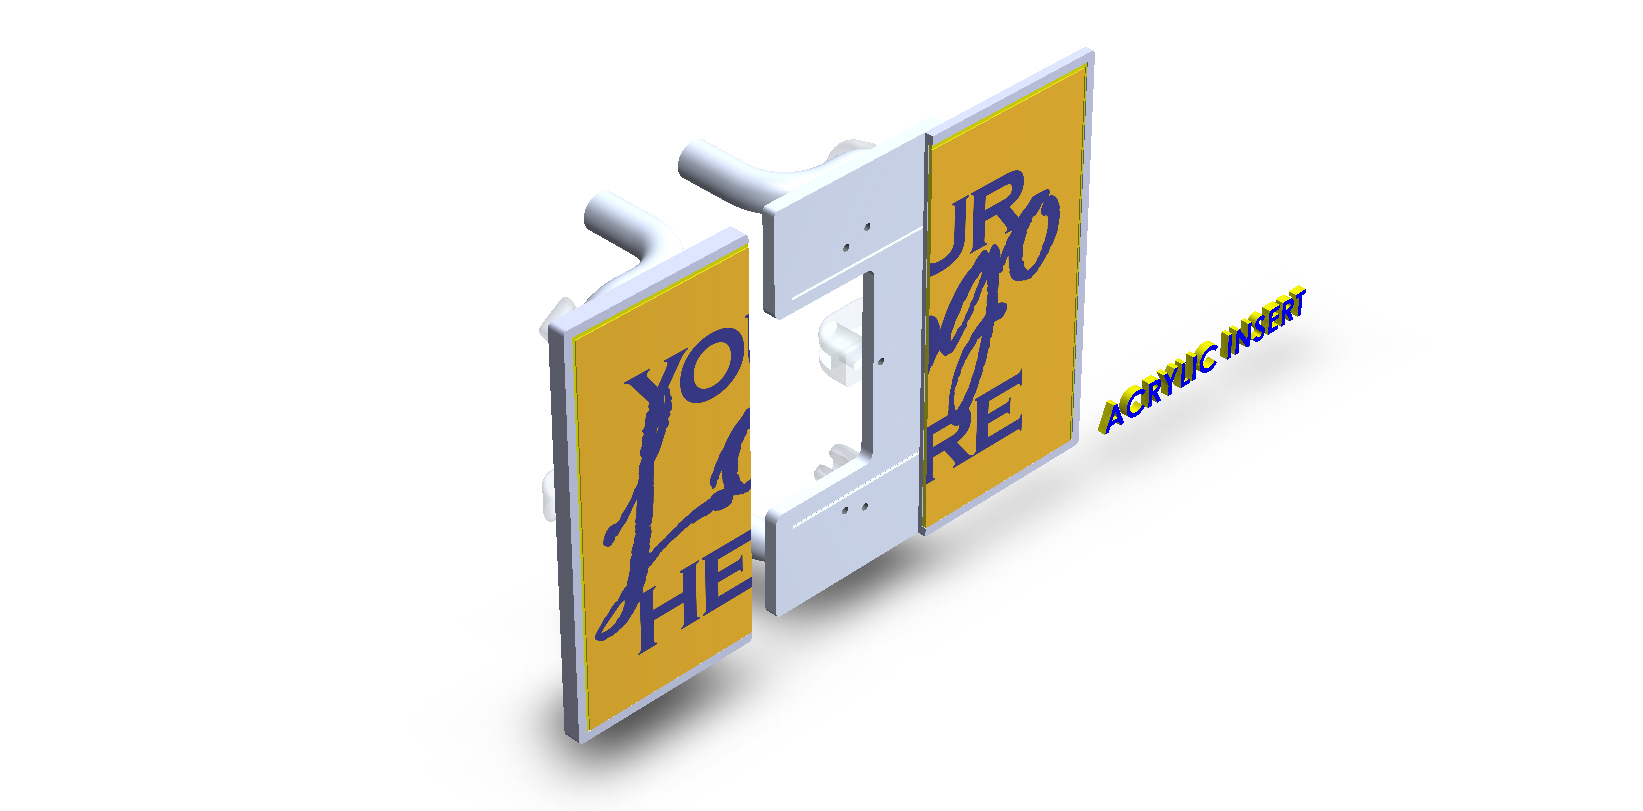 Square Aluminum Sliding Split Plate Door Handles